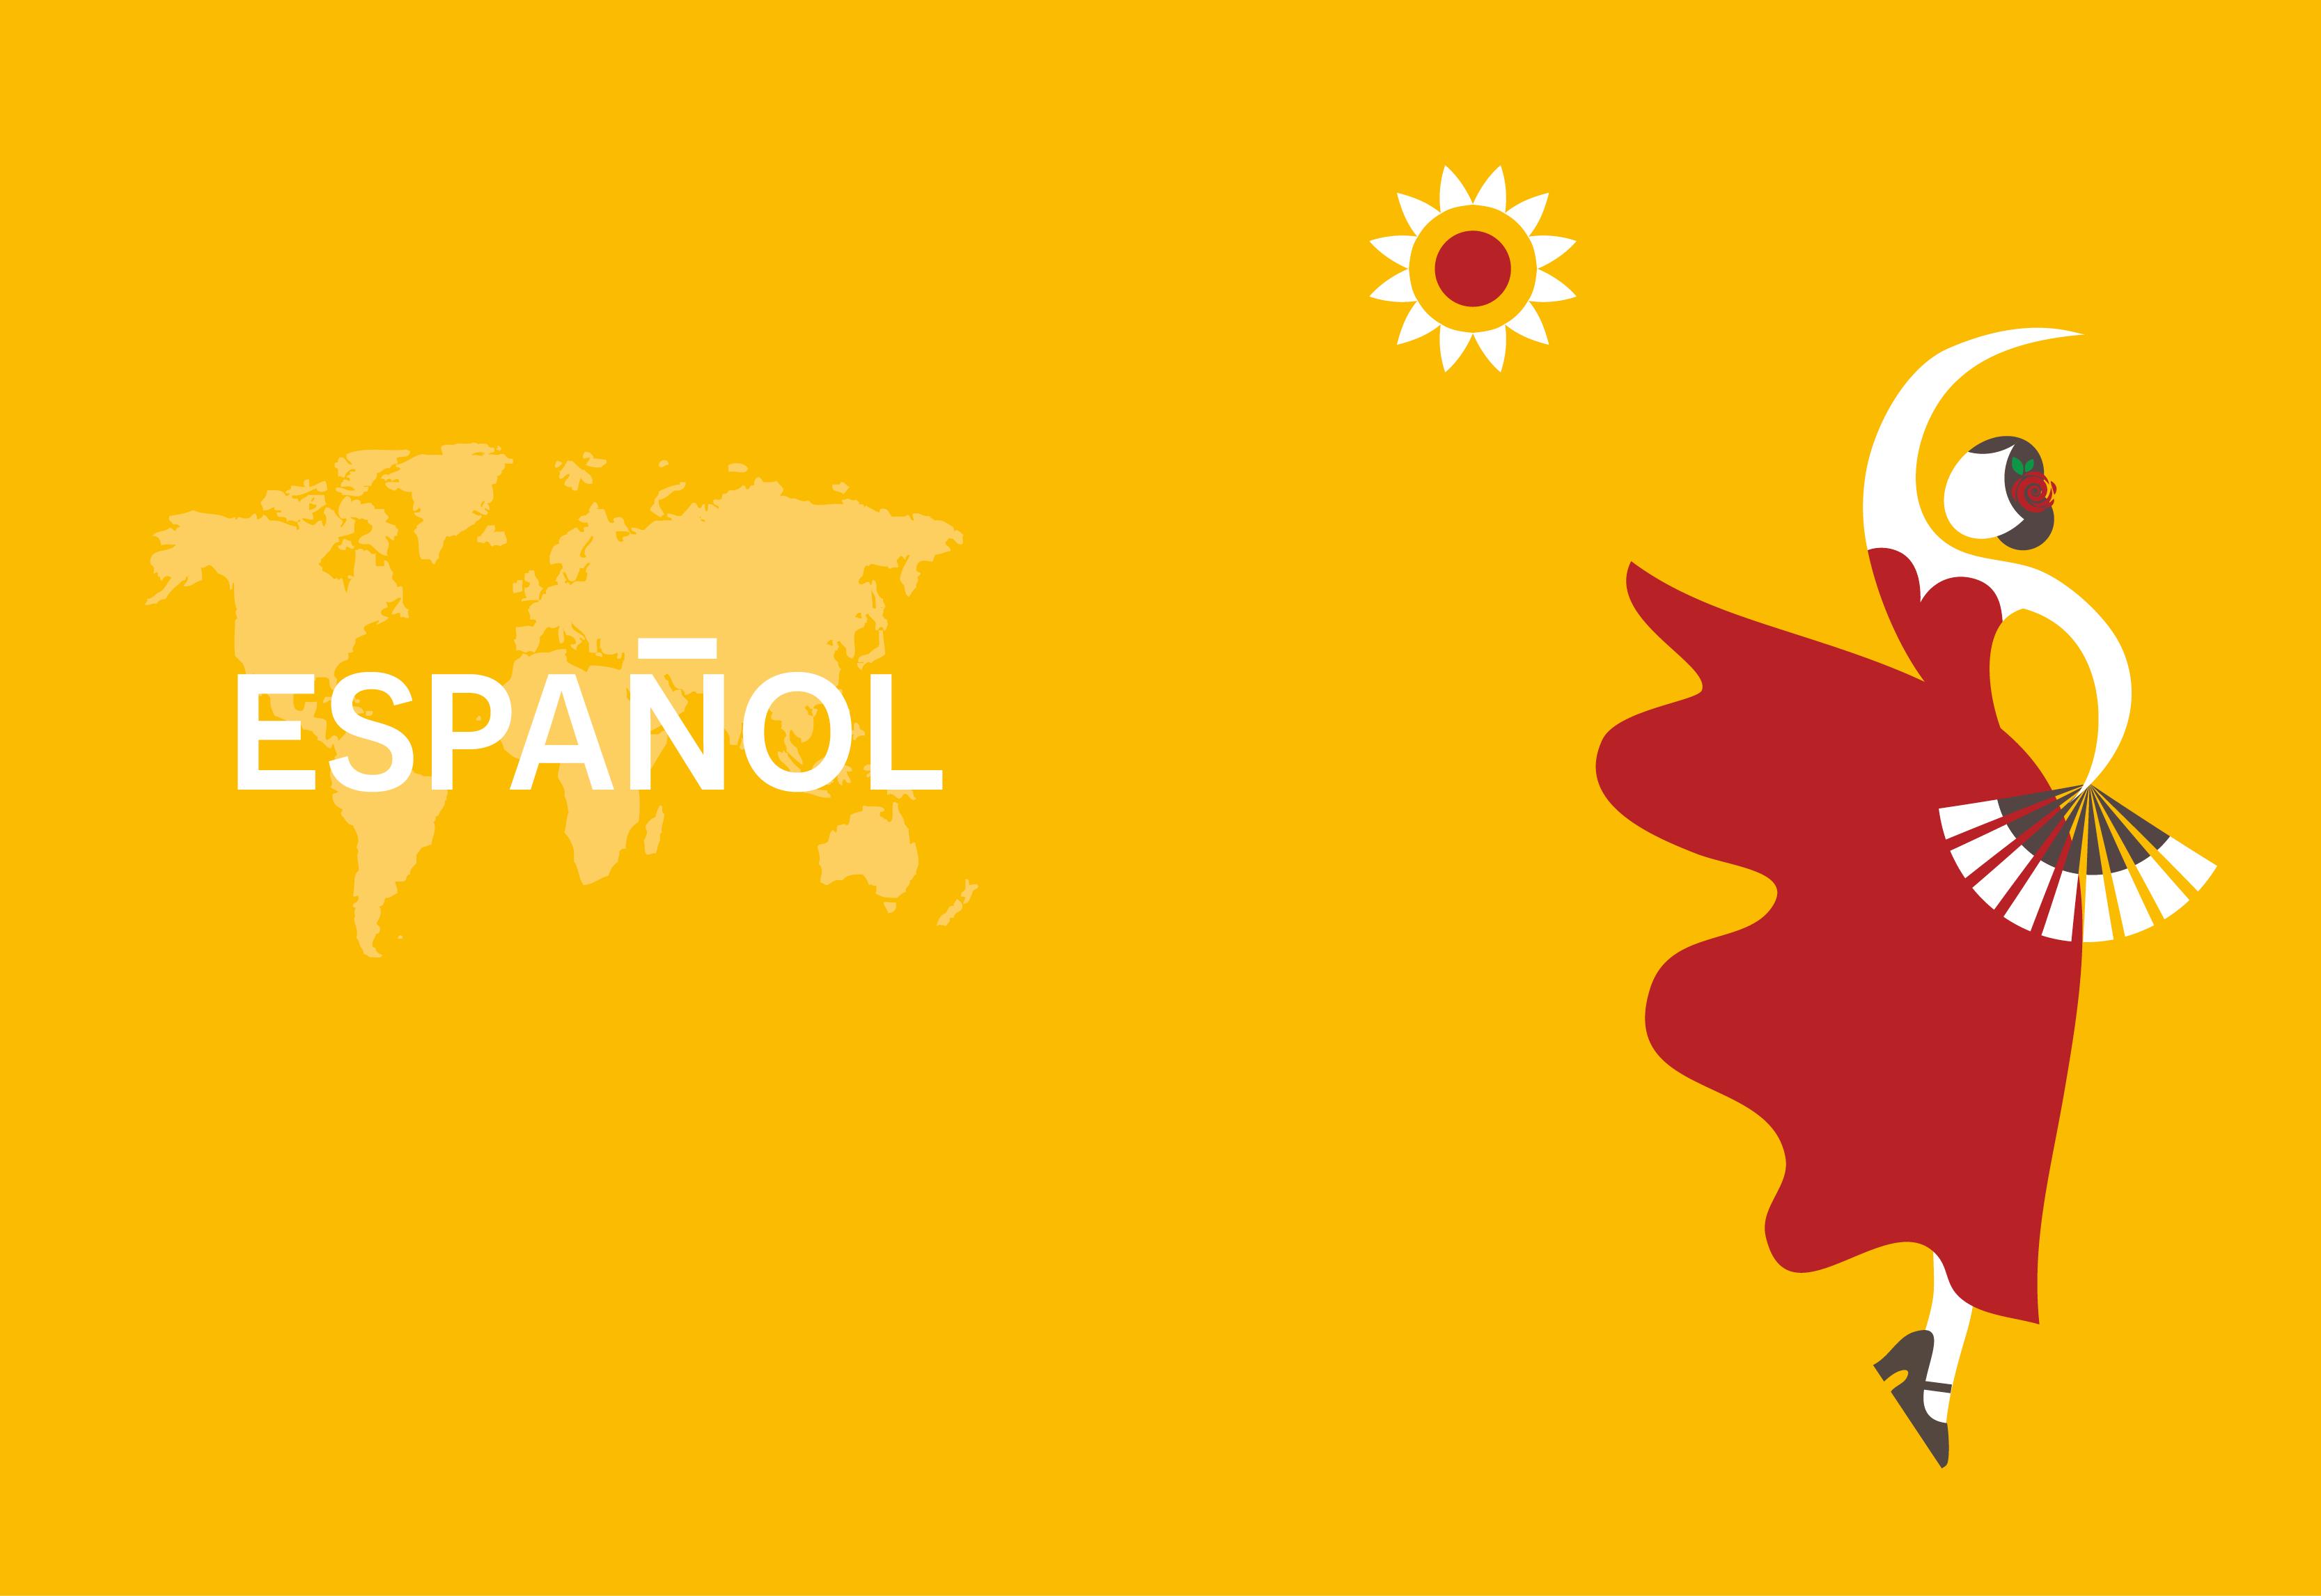 Испанский язык в 2100 году… остановит свое развитие